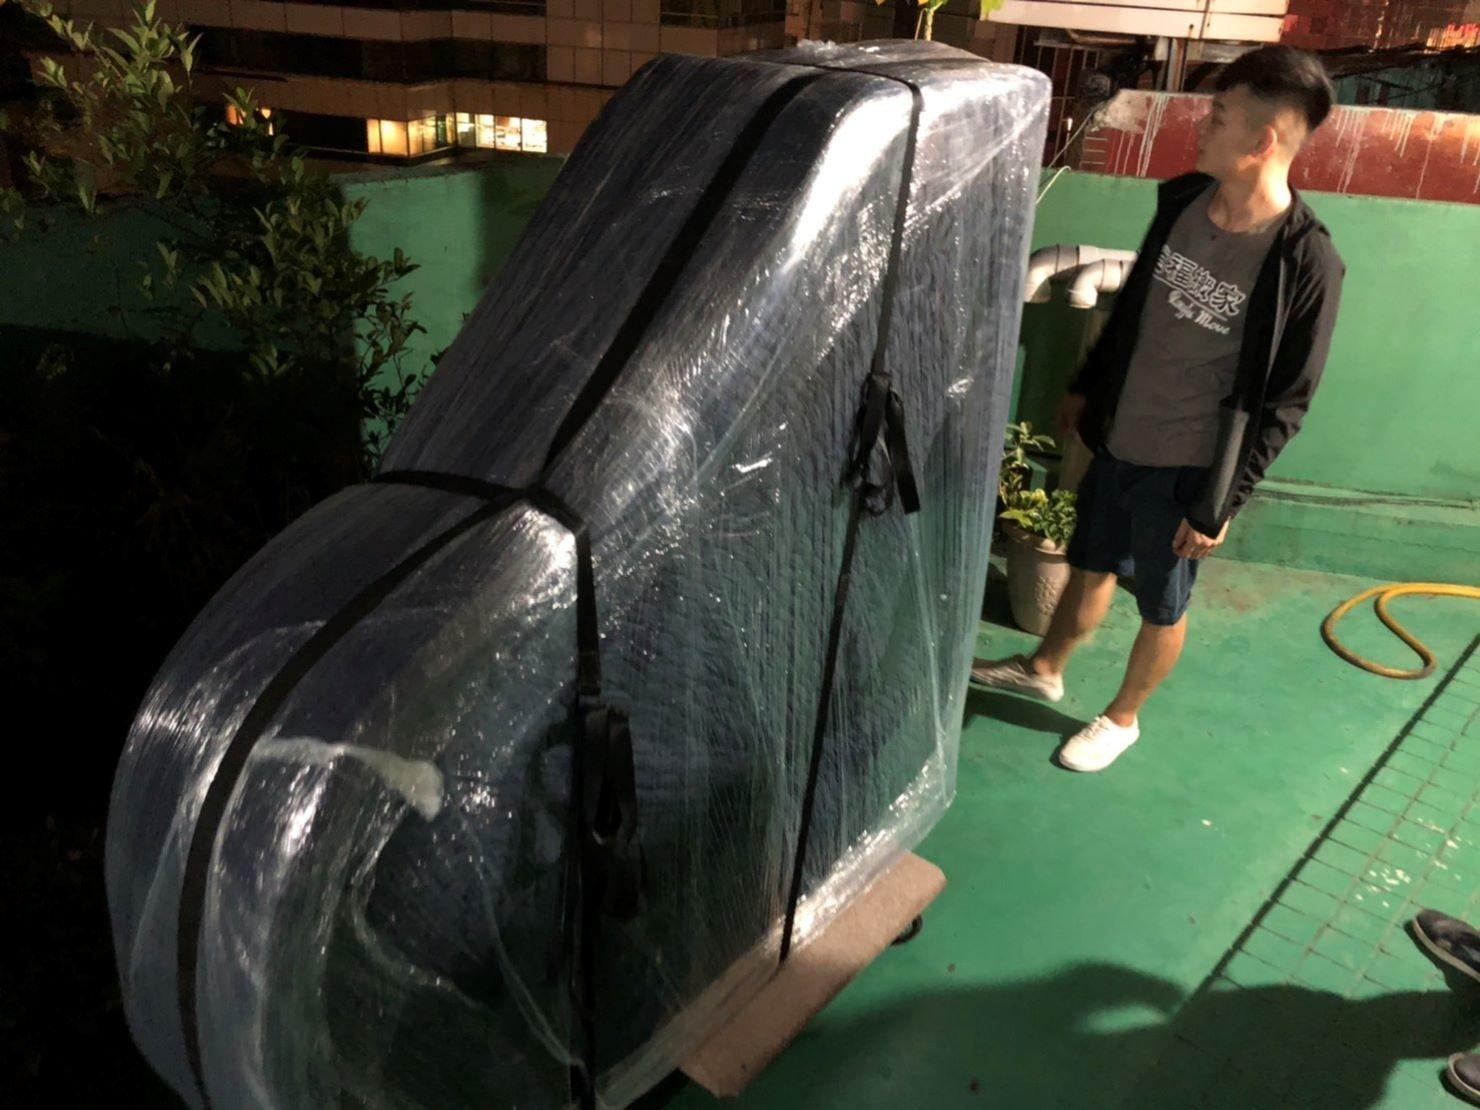 搬KAWAI河合三角演奏琴【榮福搬家公司】新北搬家、台北搬家推薦:吊鋼琴搬運-師傅在頂樓等待吊車升上來,再協助將三角琴綁到吊車上。